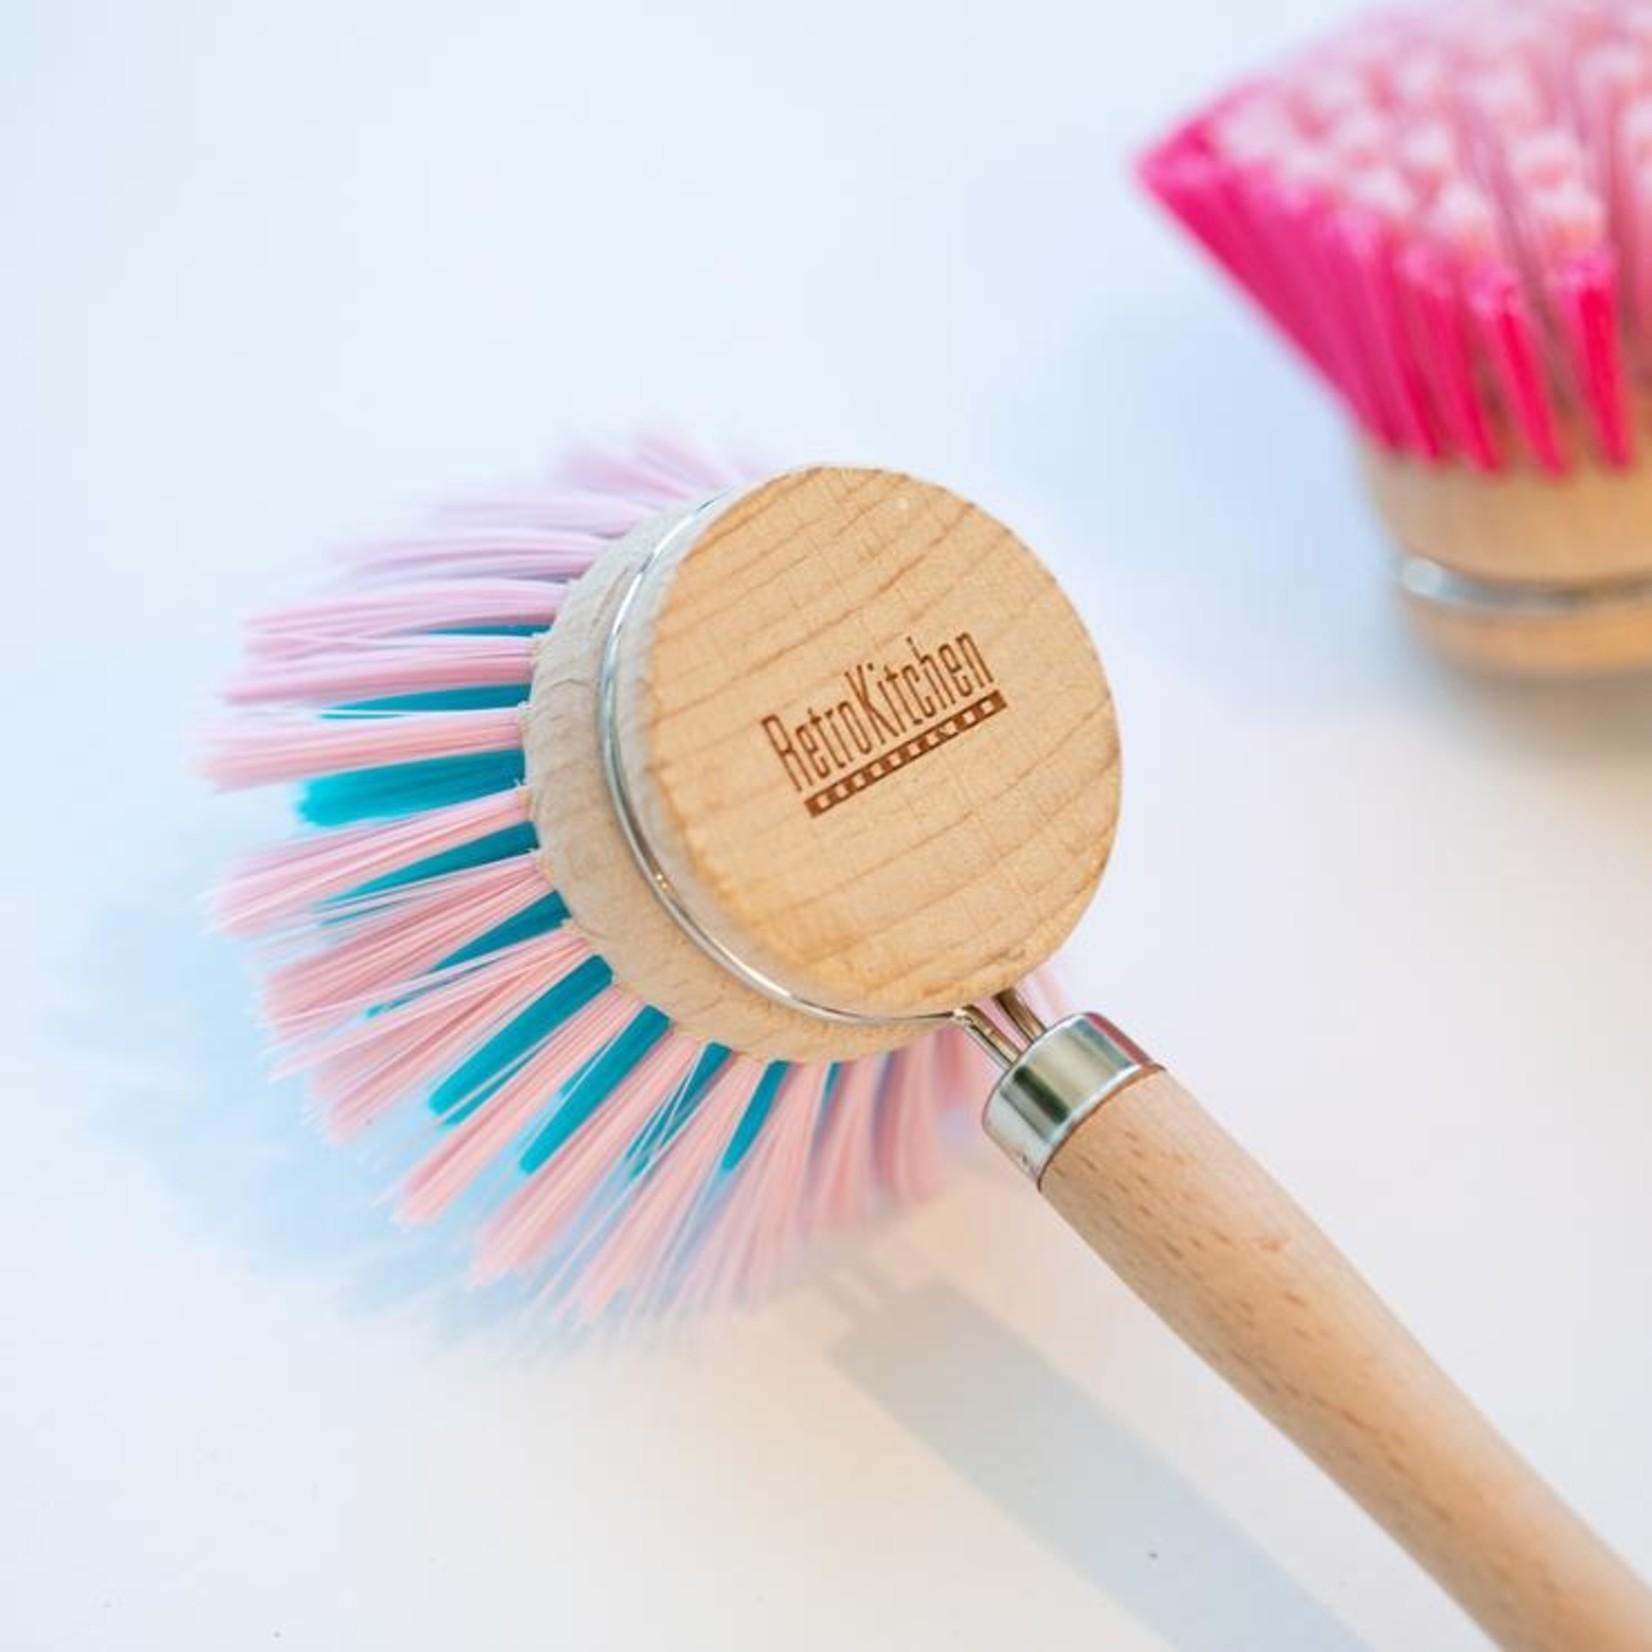 Retro Kitchen Retro Kitchen Dish Brush